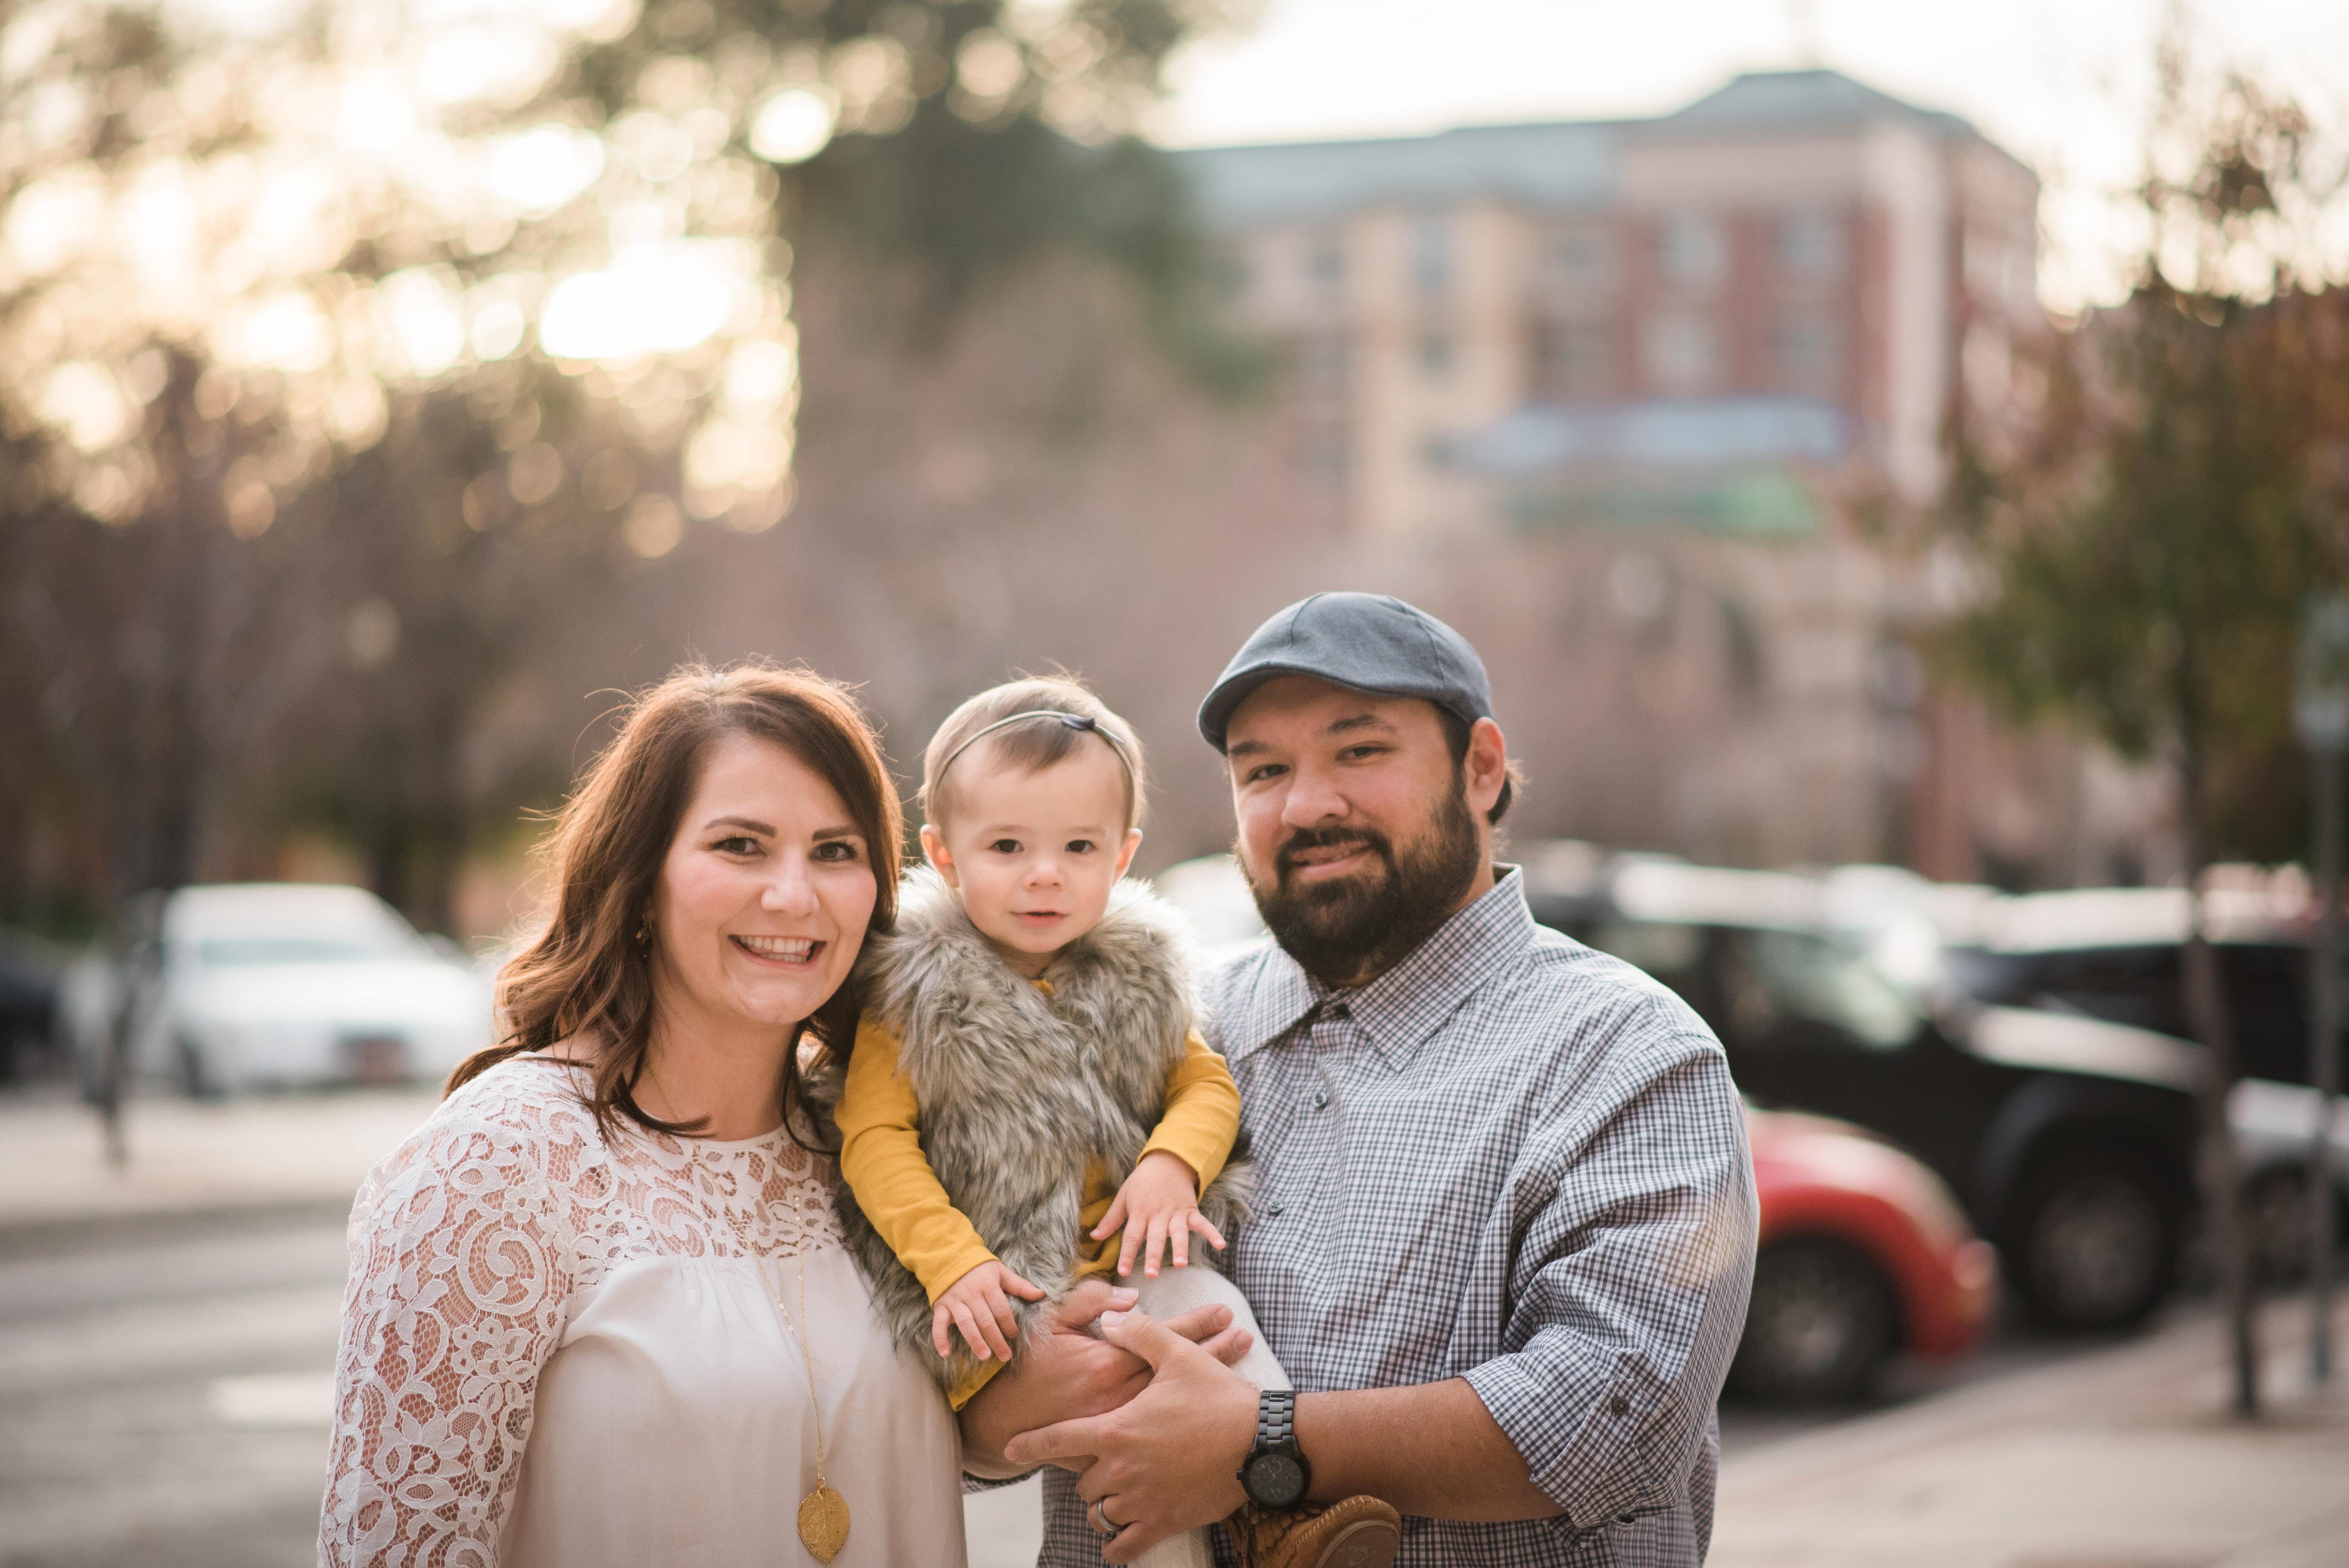 Godina Family Photos 11.12.16-22.jpg